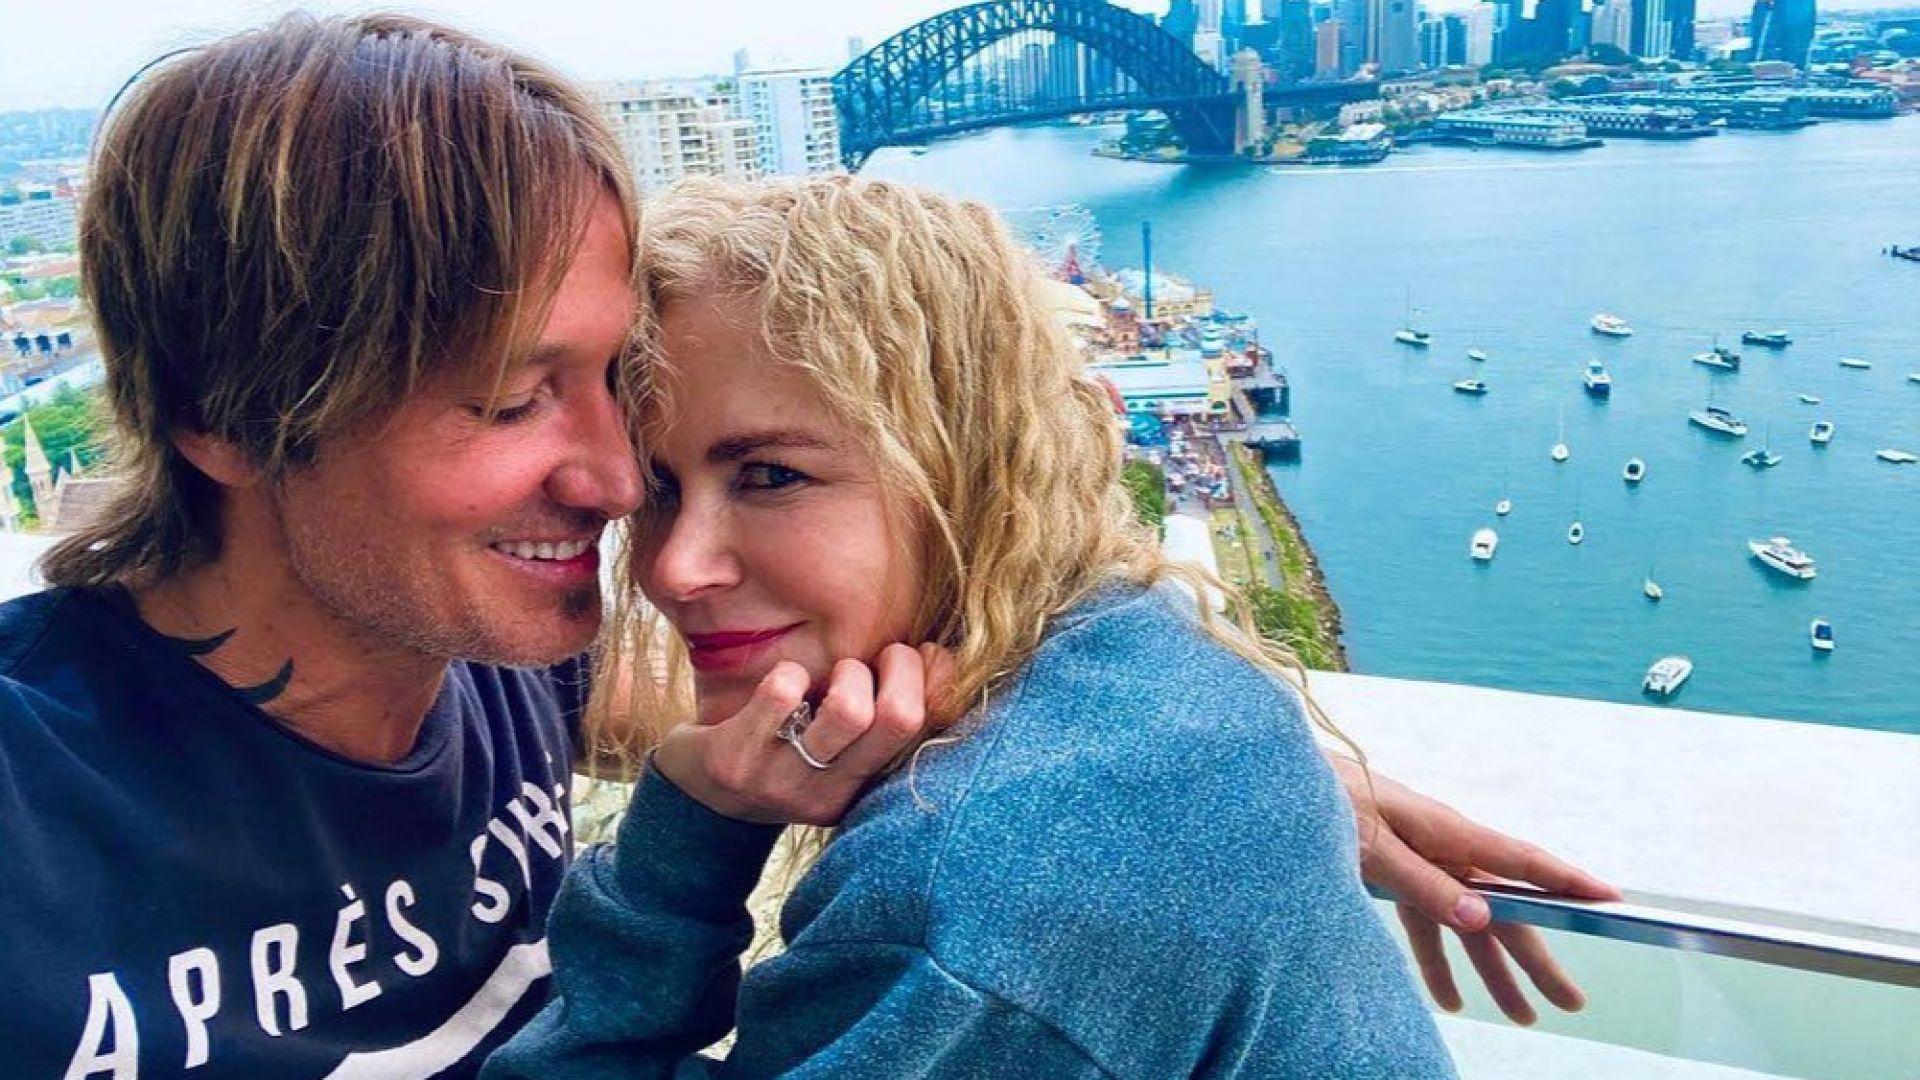 Никол Кидман и Кийт Ърбан влюбени в Сидни преди Нова година